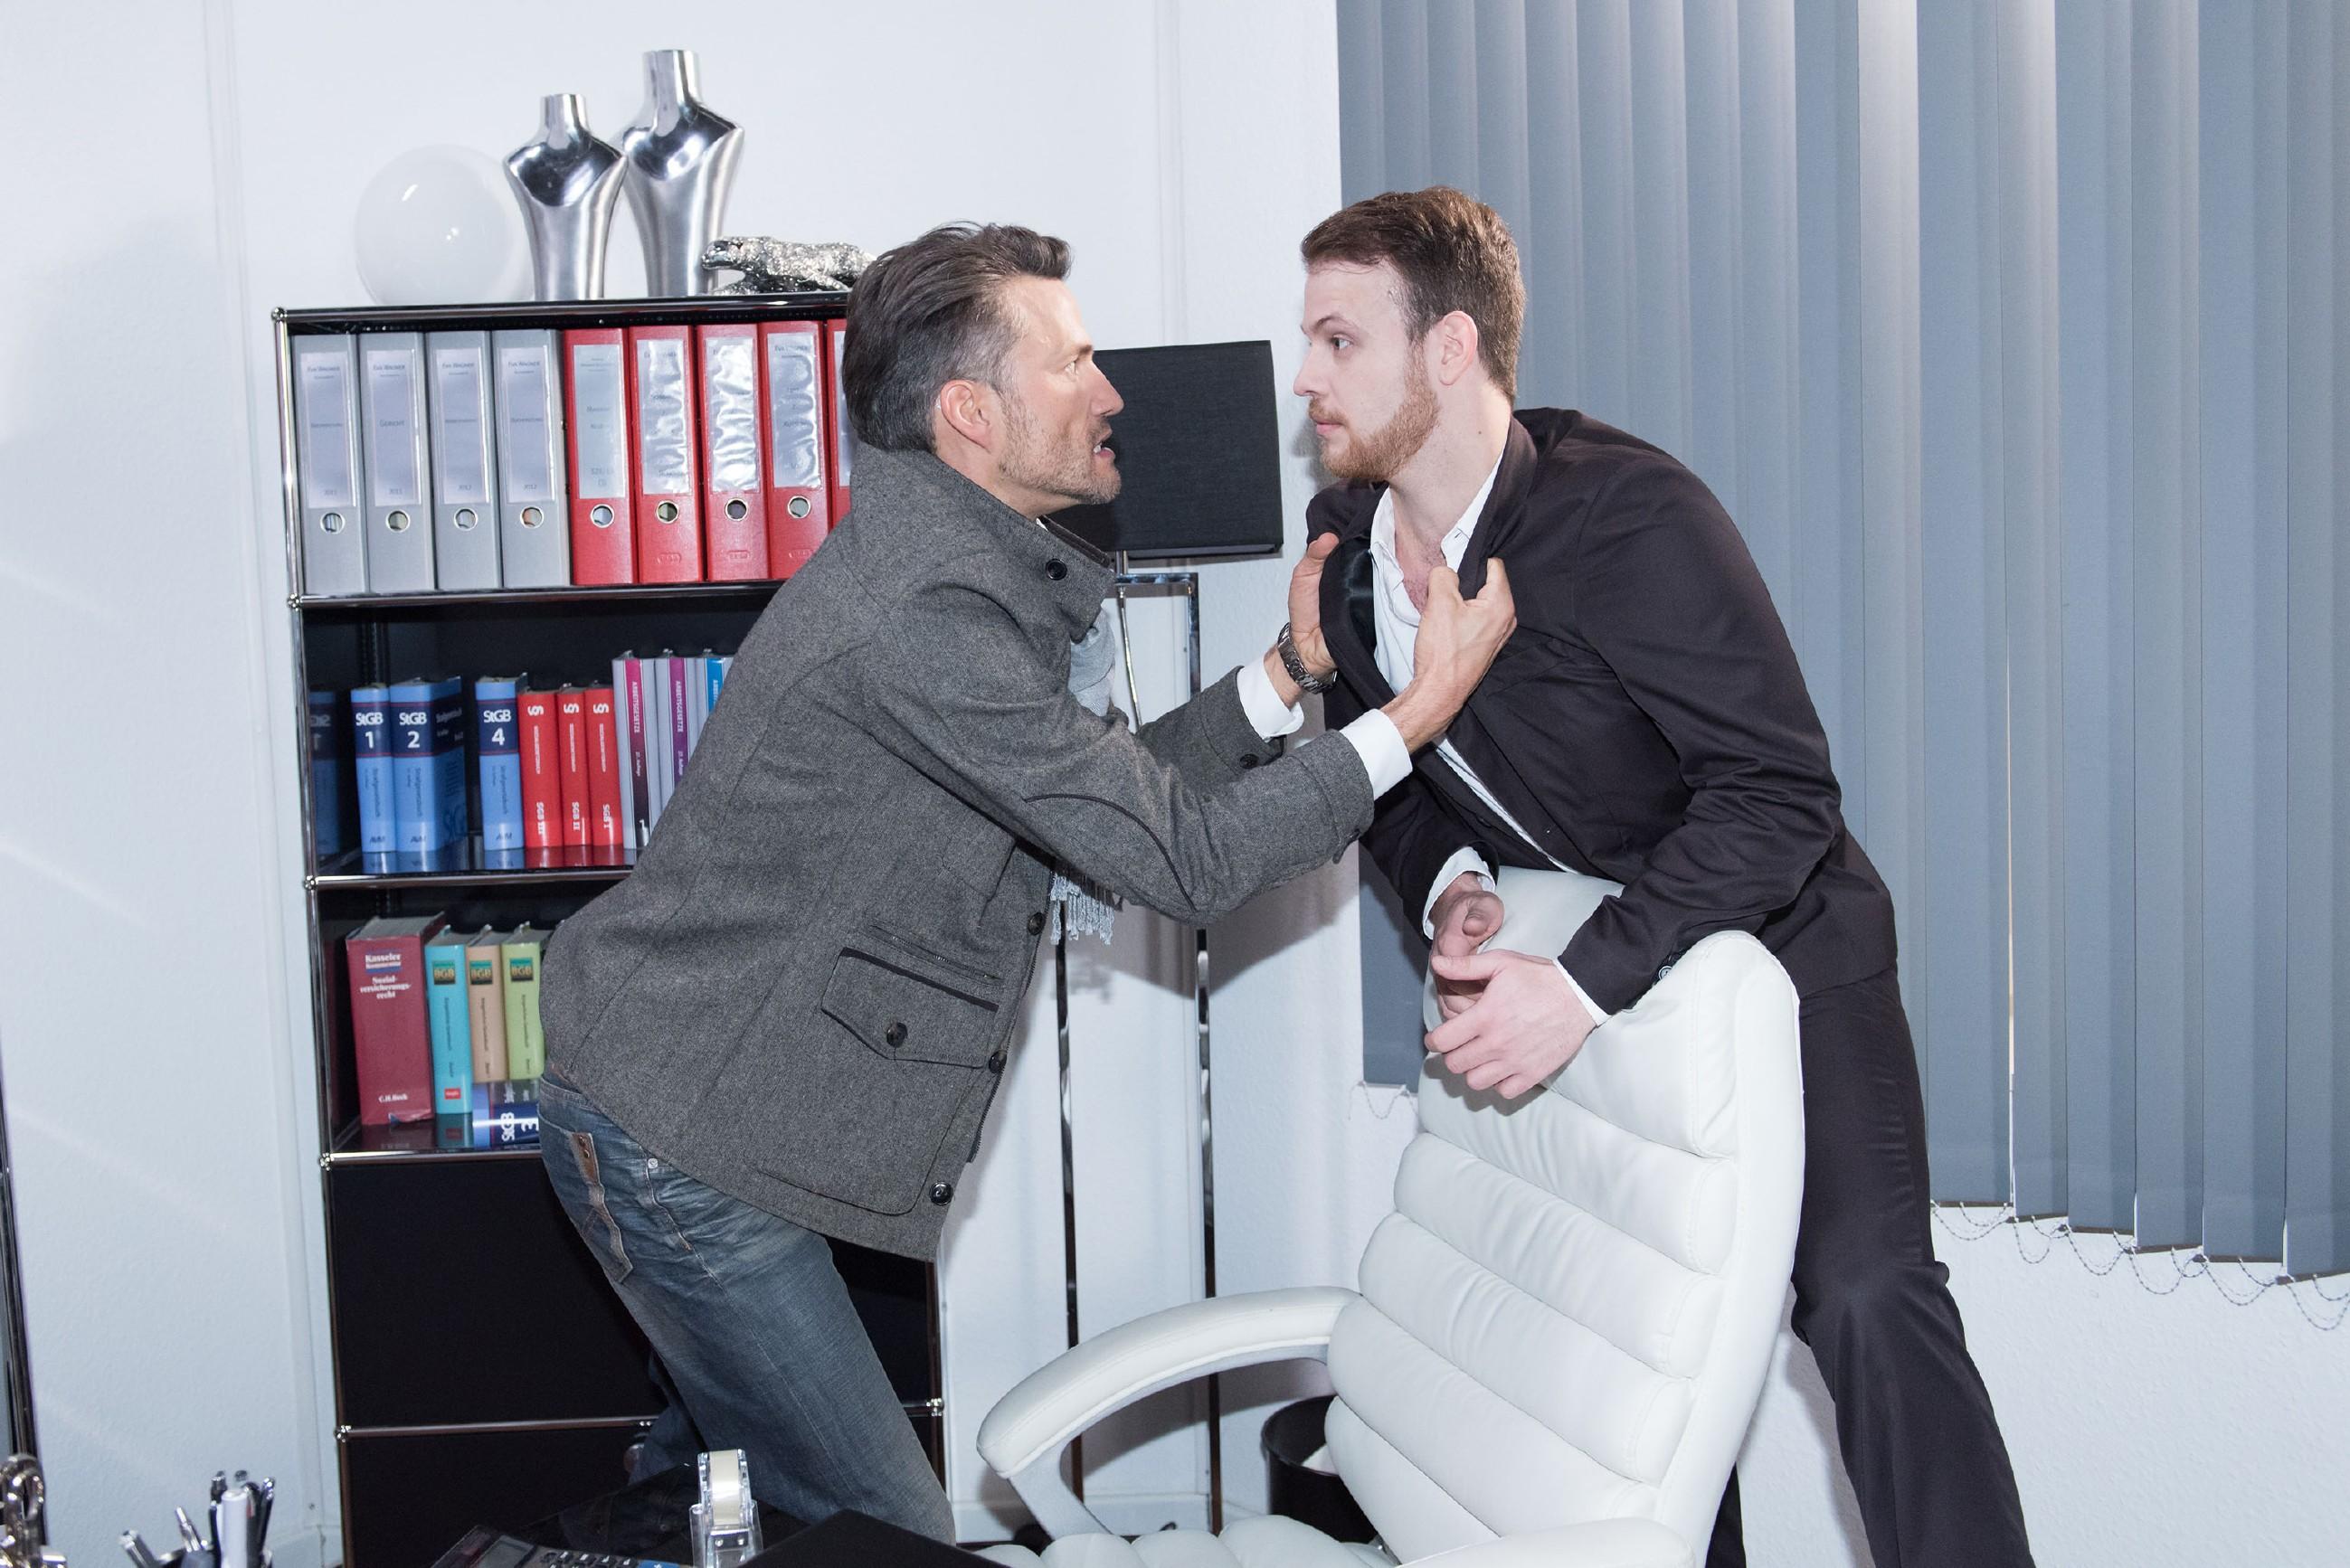 Malte (Stefan Bockelmann, l.) ist aufgrund seiner Unfruchtbarkeit fest davon überzeugt, dass Caro ihn mit Tobias (Patrick Müller) betrogen hat, und geht auf seinen vermeintlichen Kontrahenten los... (Foto: RTL / Stefan Behrens)